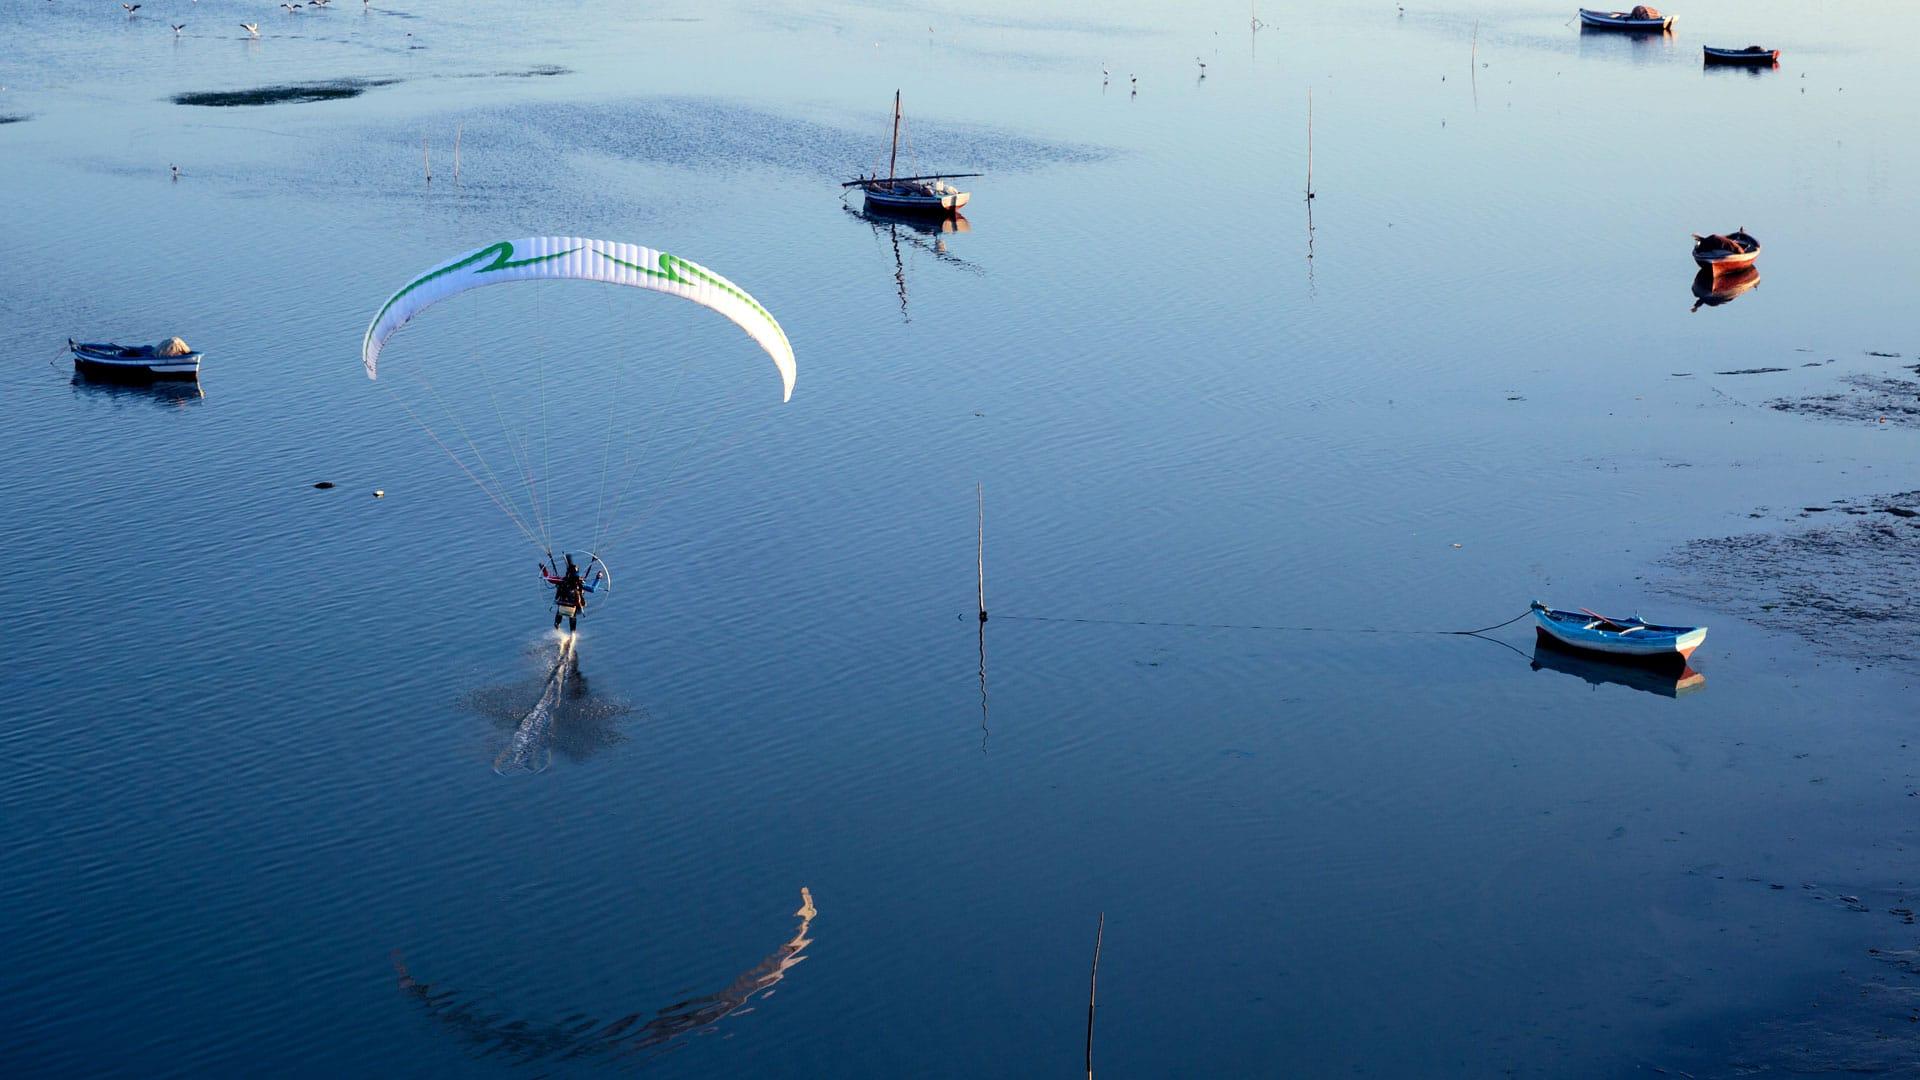 Madiah tunisie fond d'écran en paramoteur ulm pied dans eau